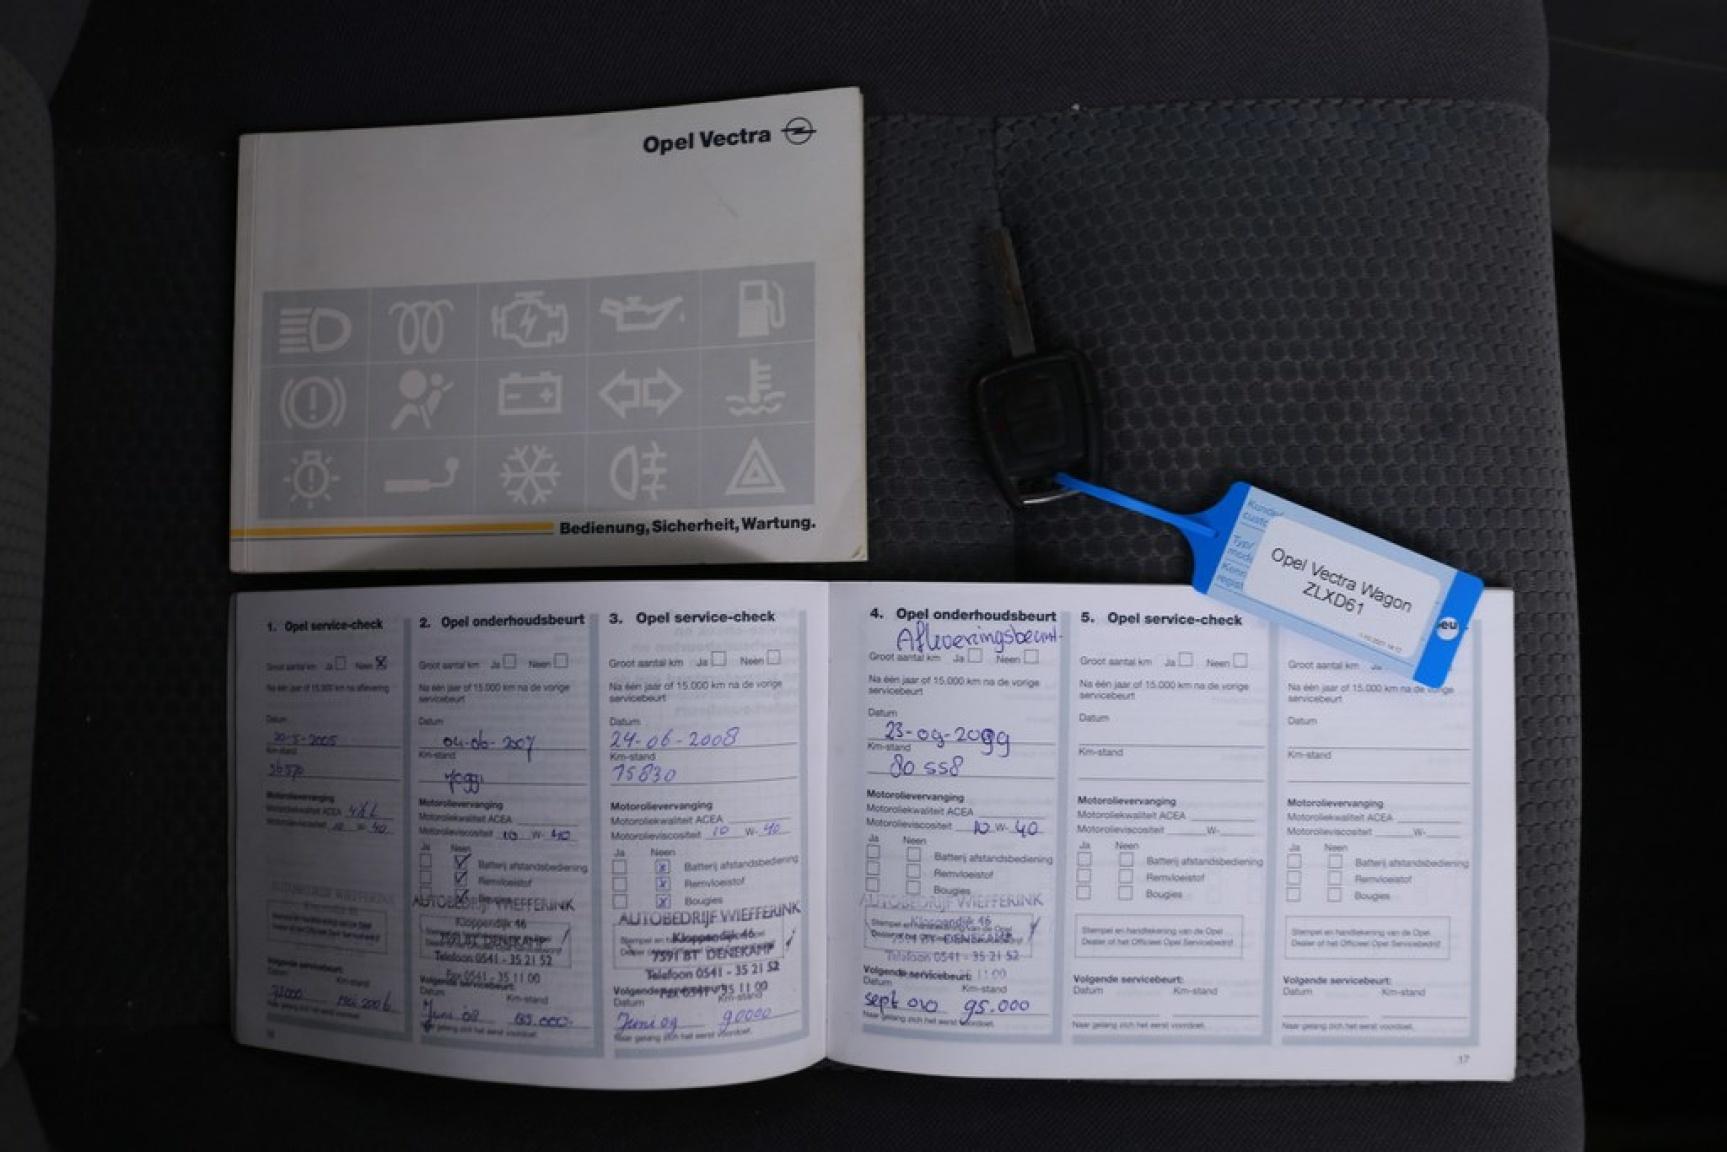 Opel-Vectra-10